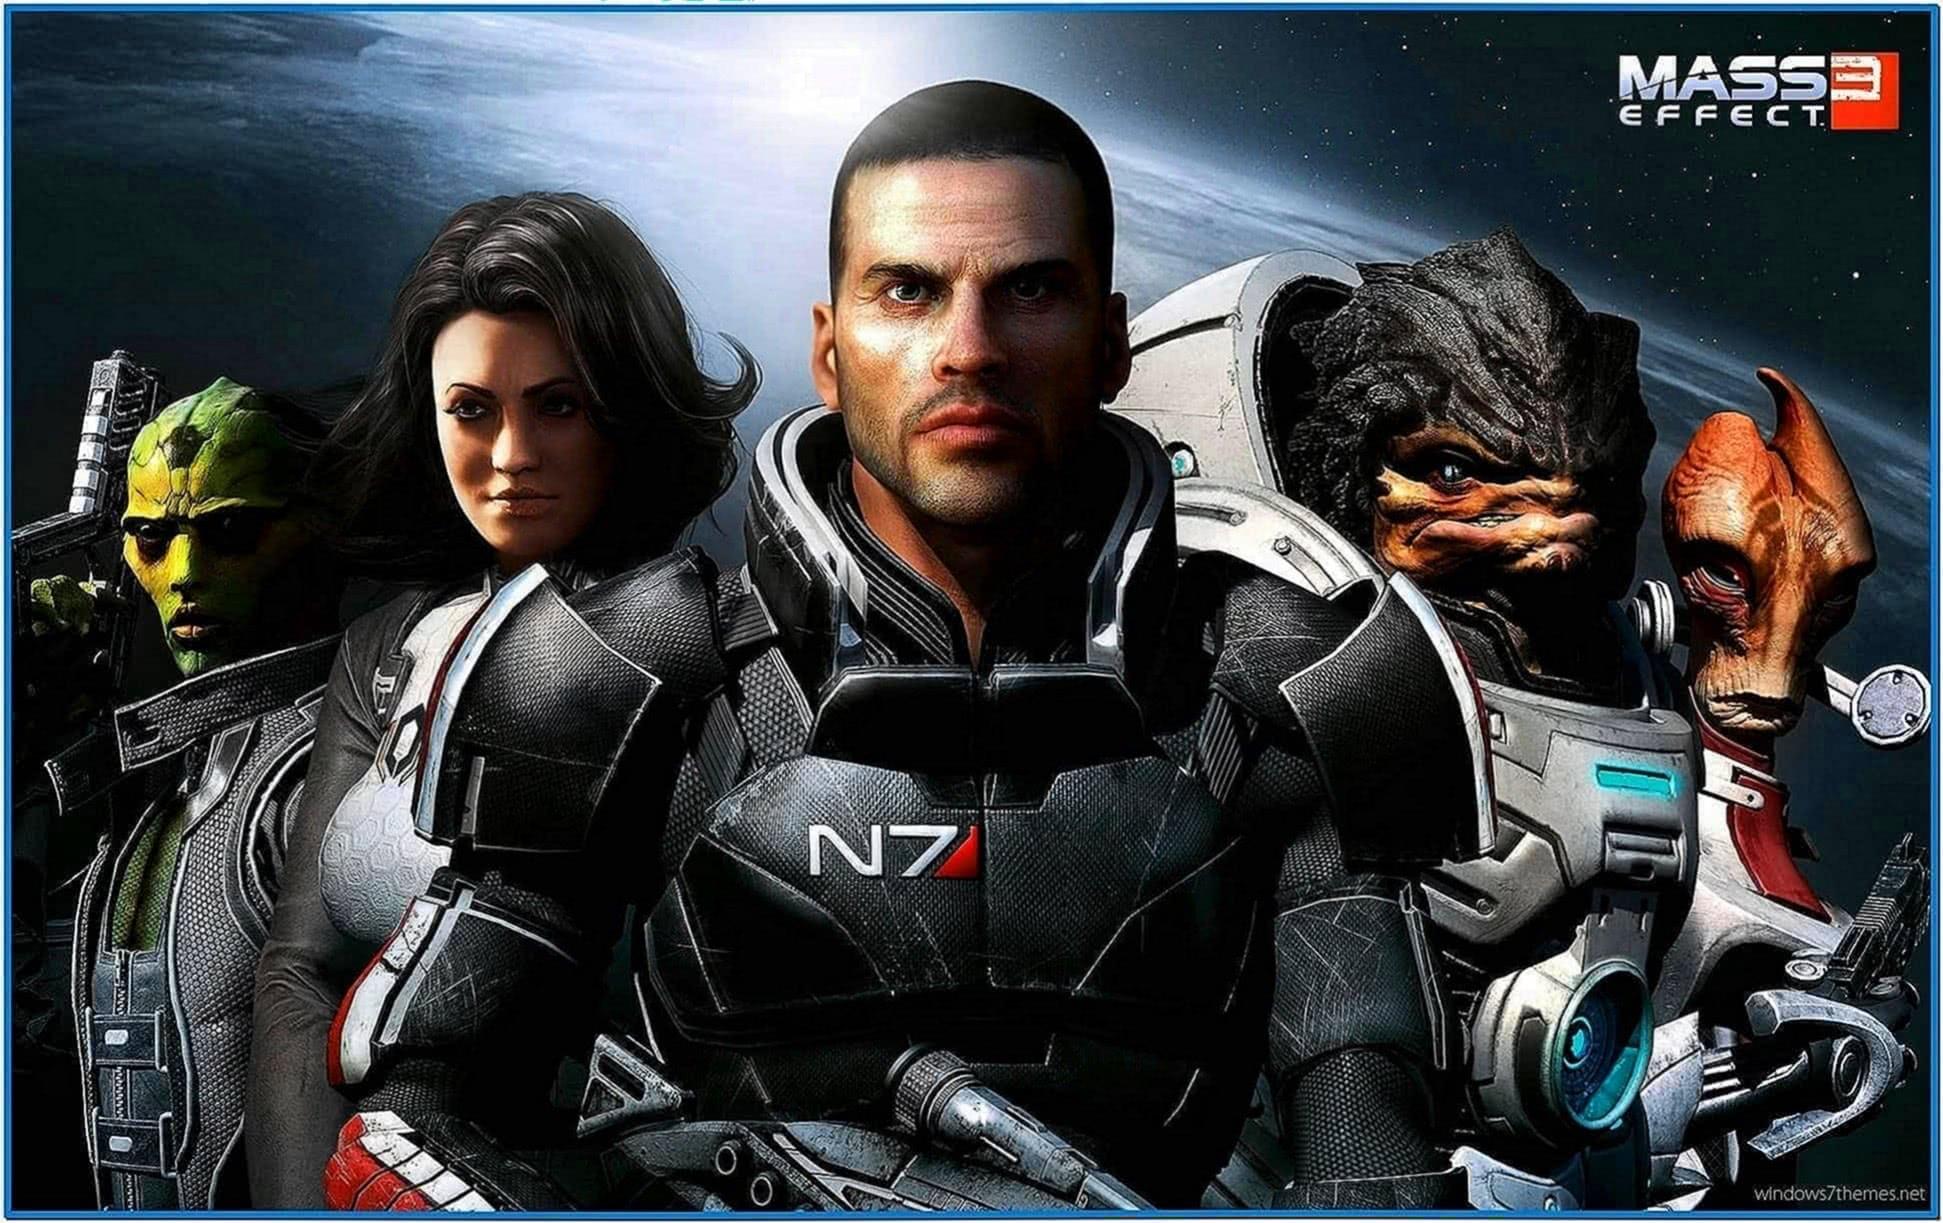 Mass Effect 3 Screensaver Windows 7